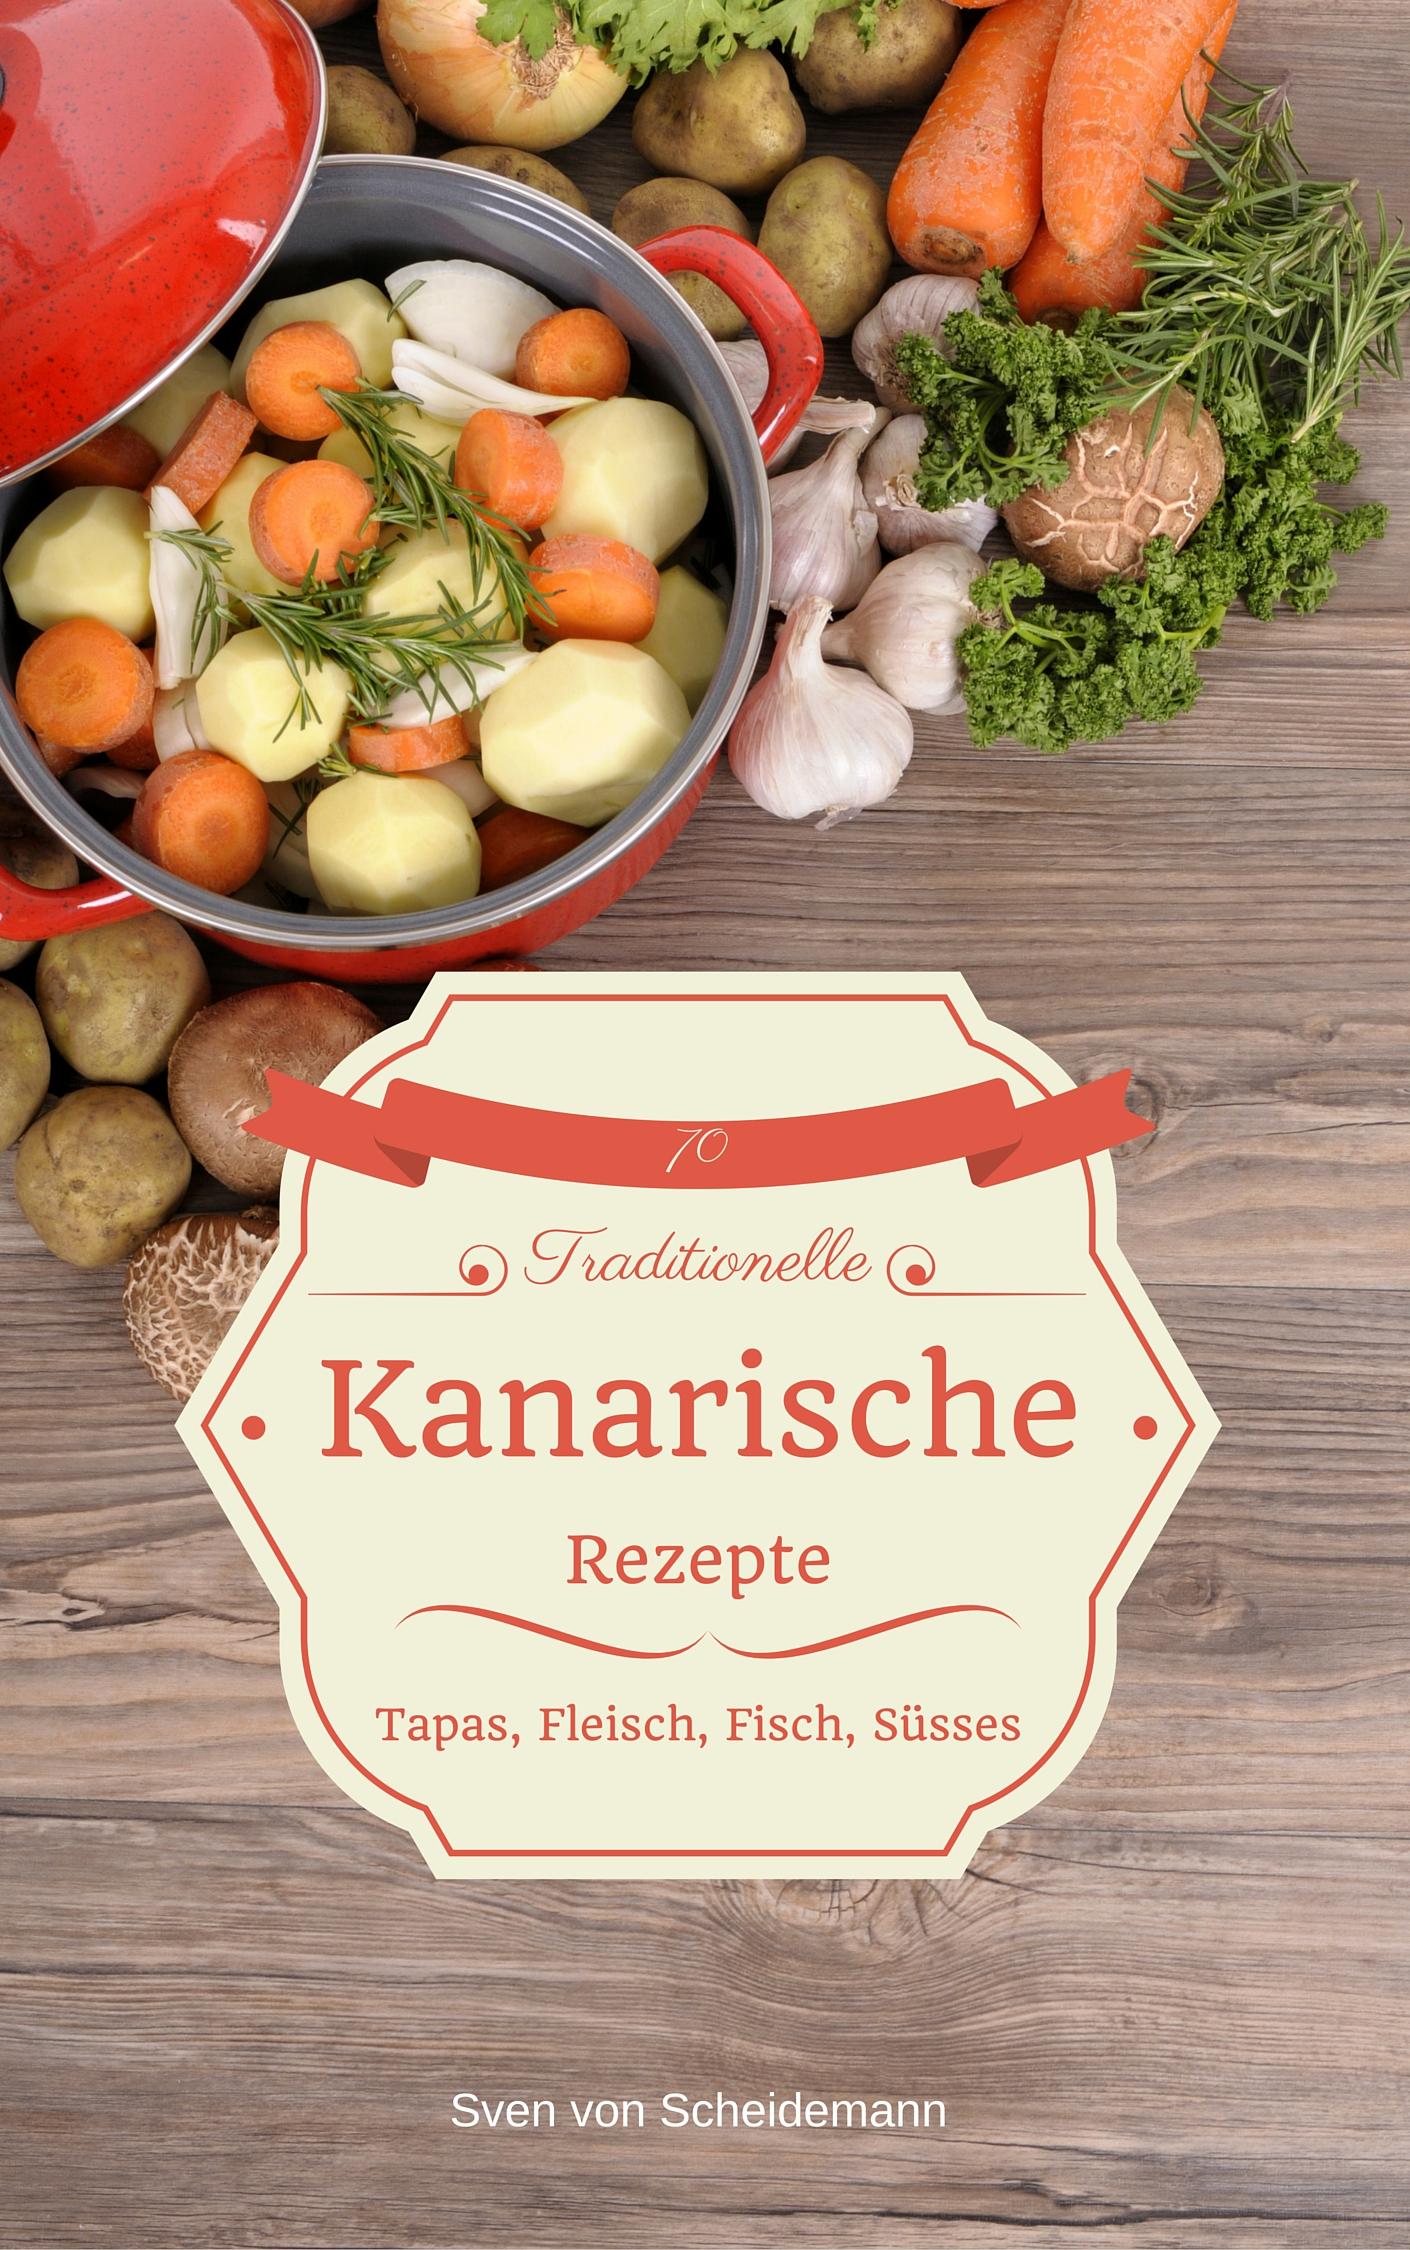 Kanarische Küche Teneriffa   Kanarische Kuche Bungalow Mit Terrasse Kanarische Inseln Gran Canaria